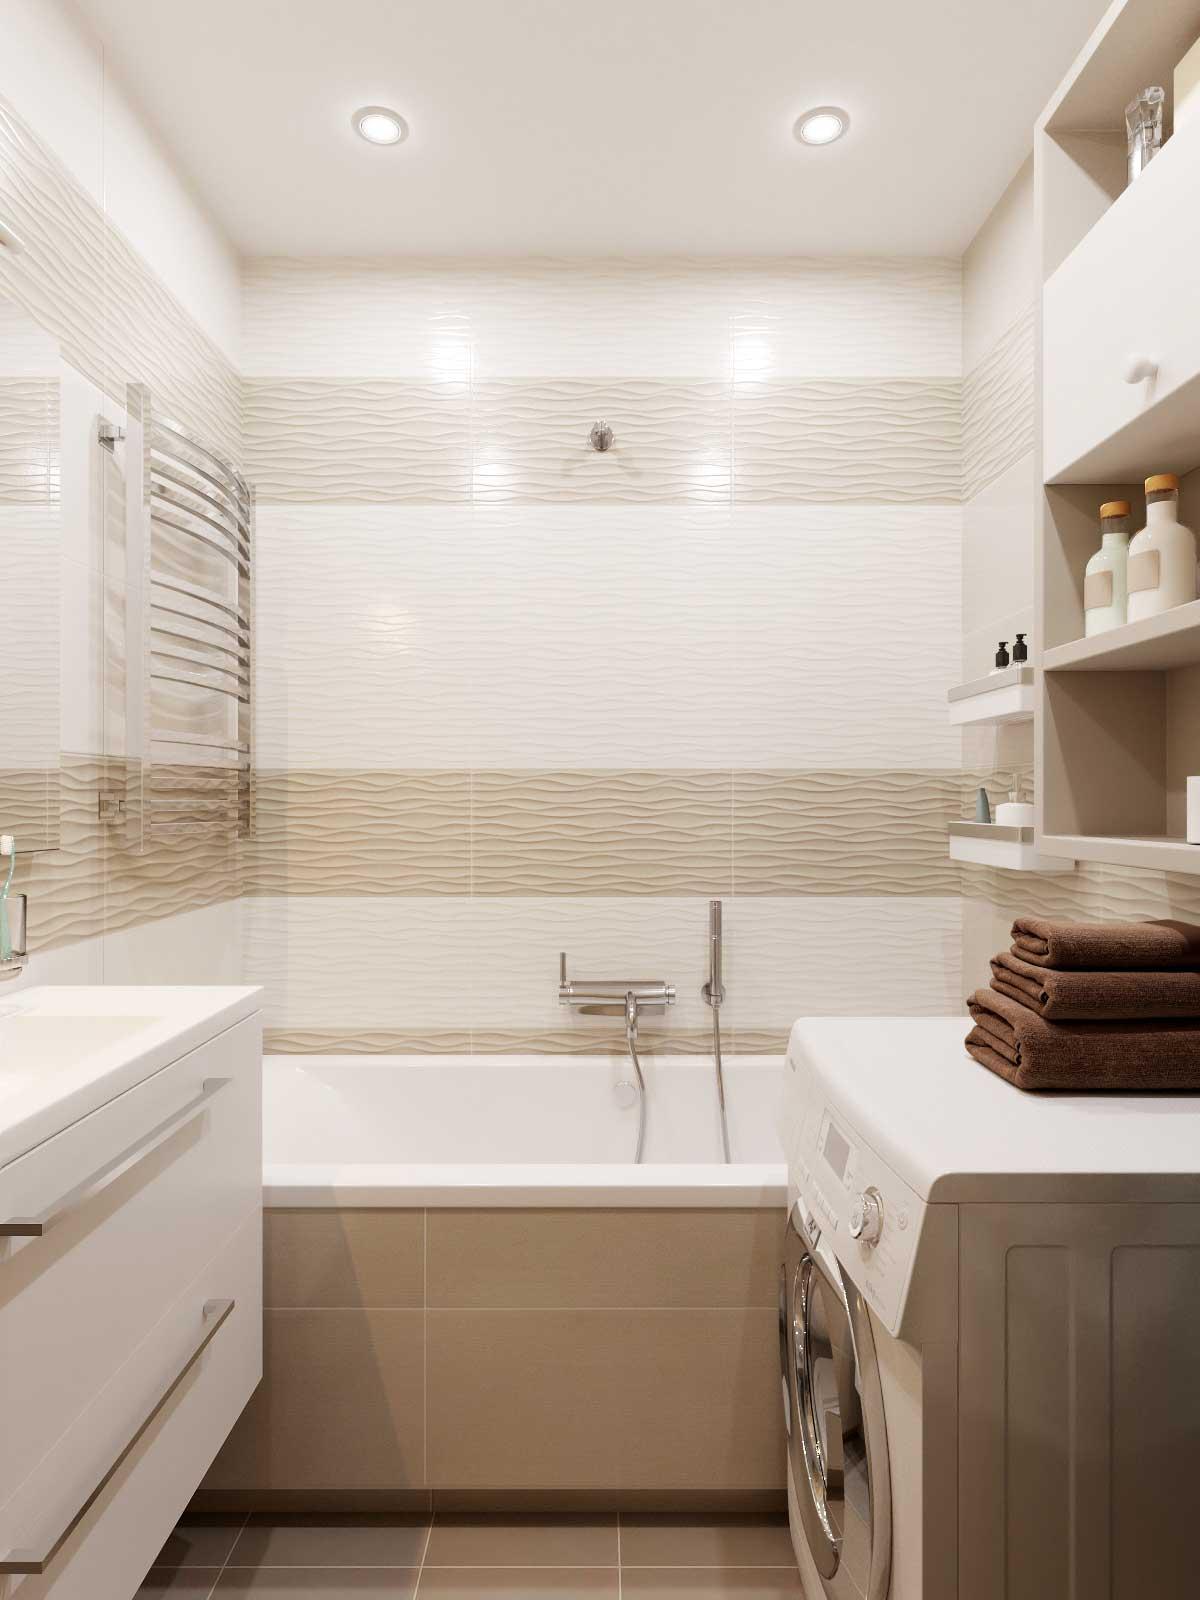 Ванные комнаты дизайн 3 кв м